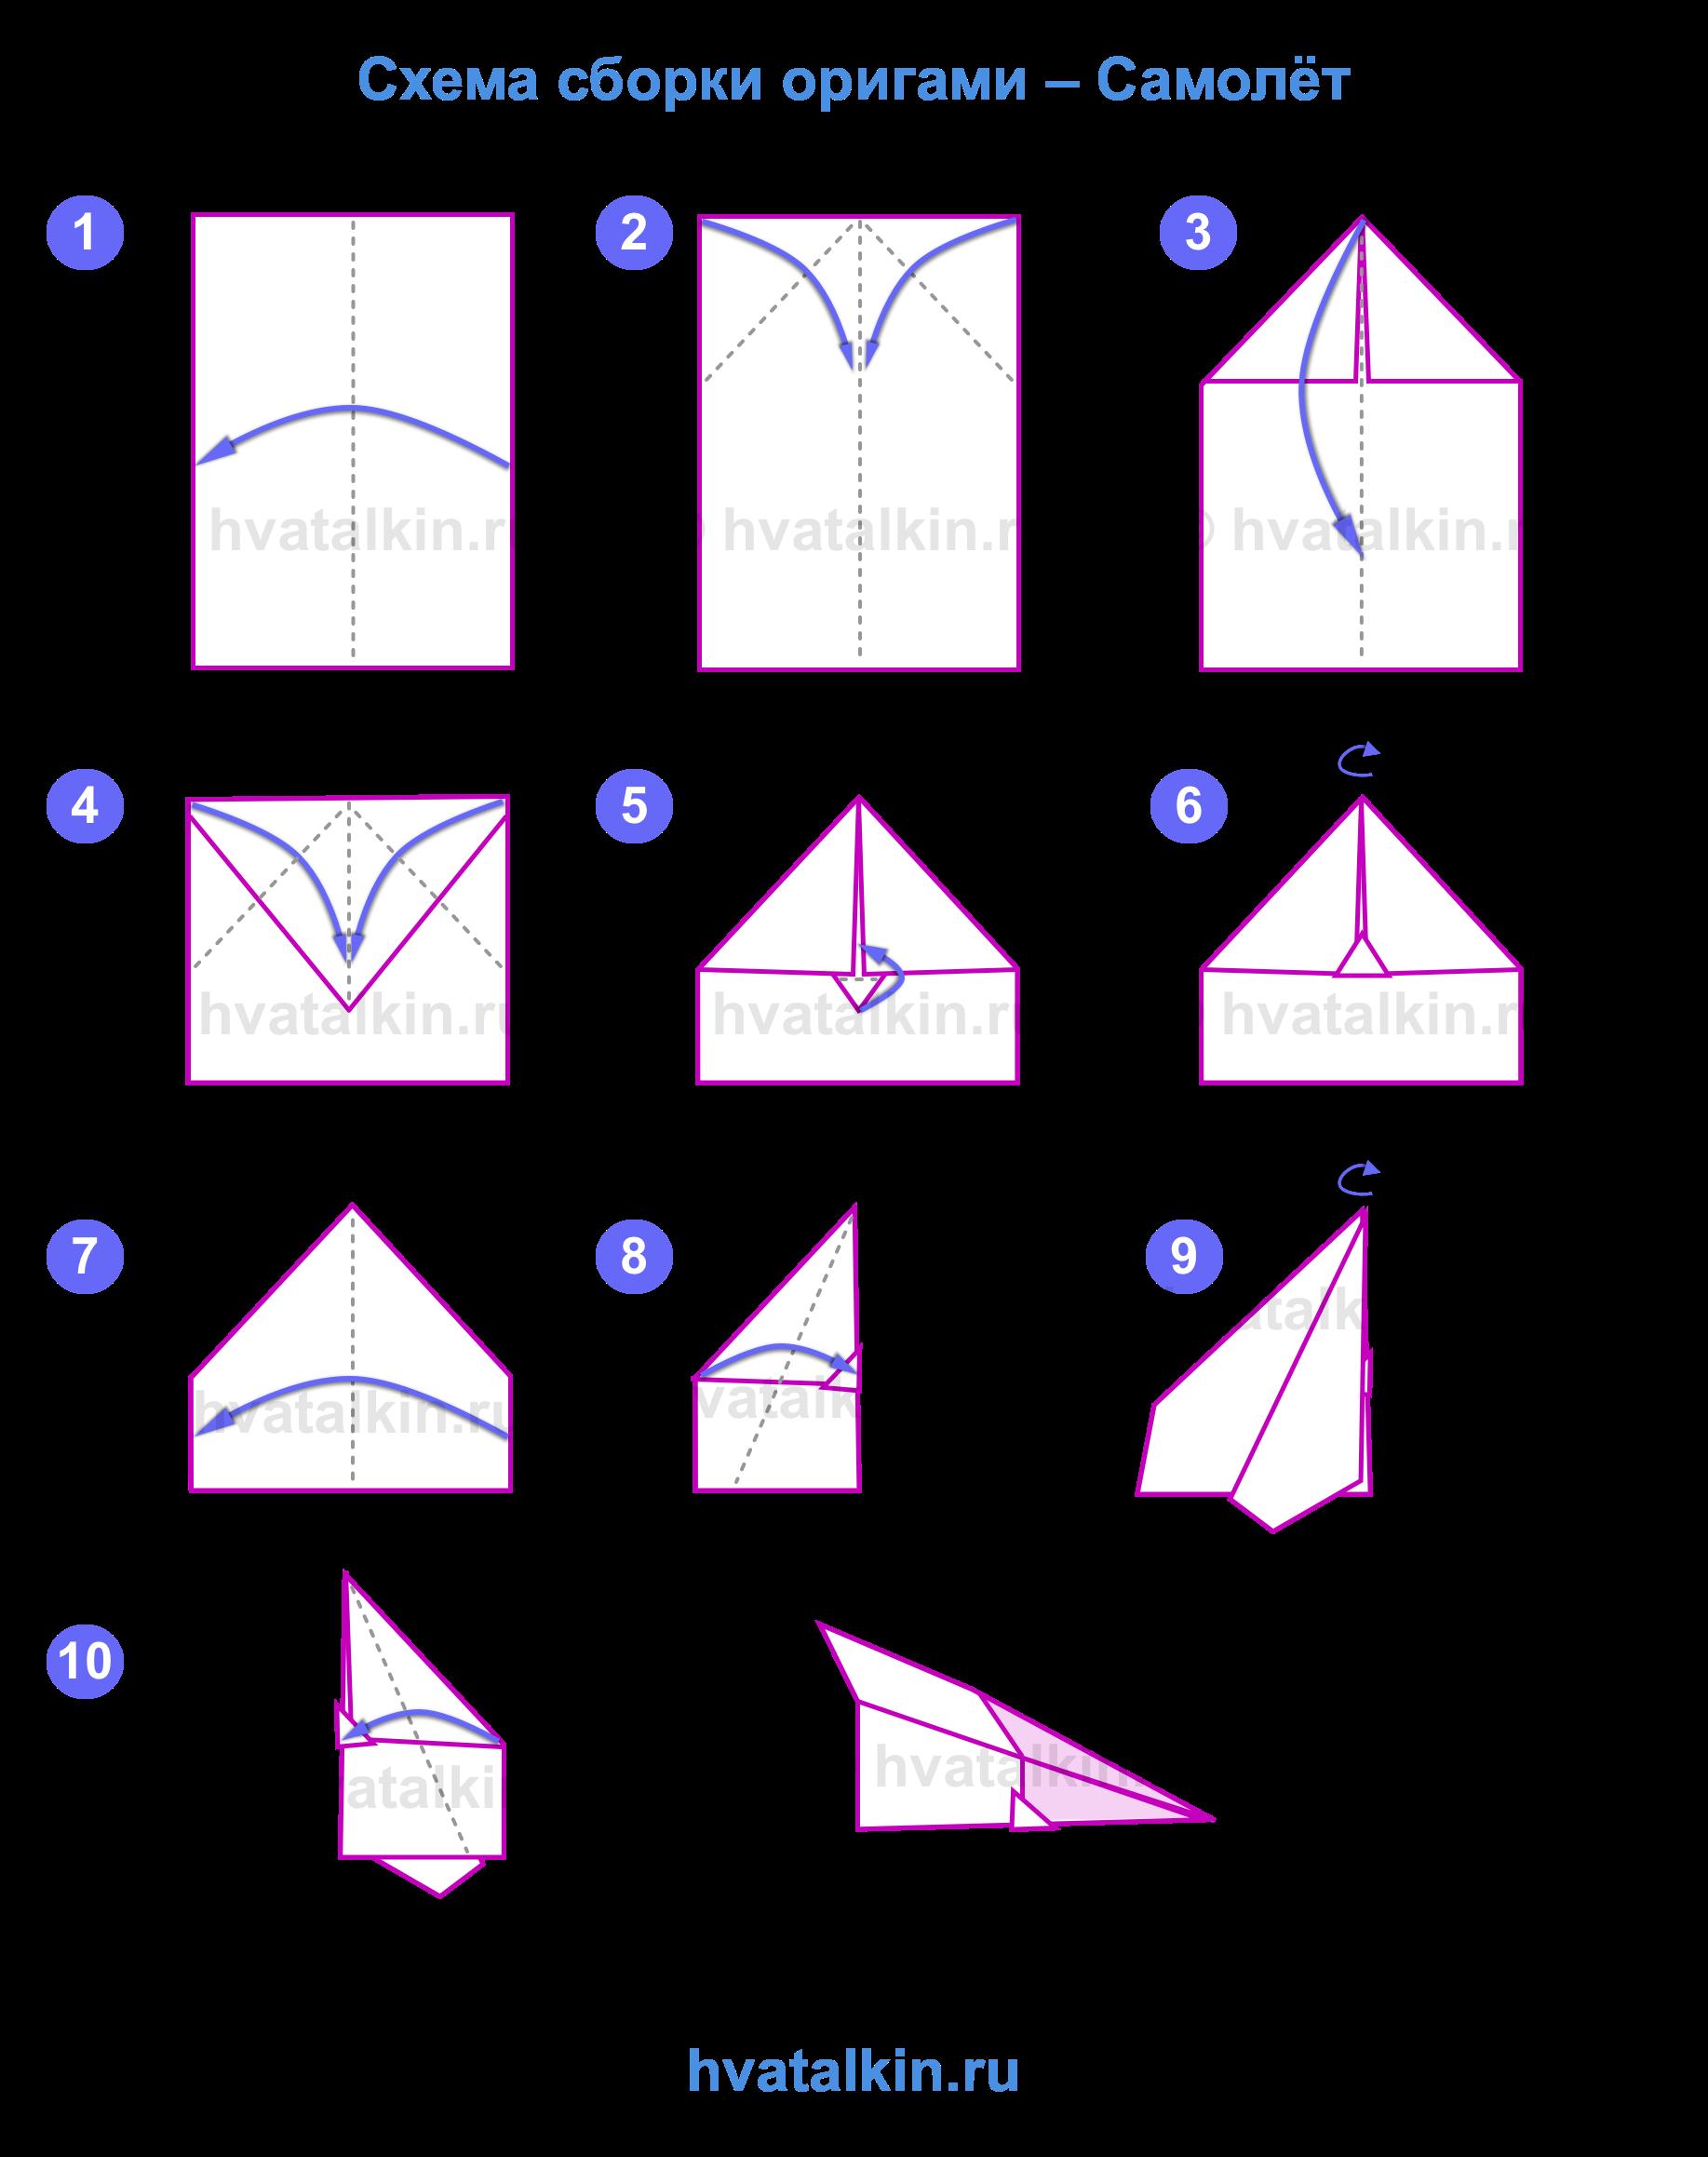 Как сделать самолет из бумаги пошаговая инструкция фото